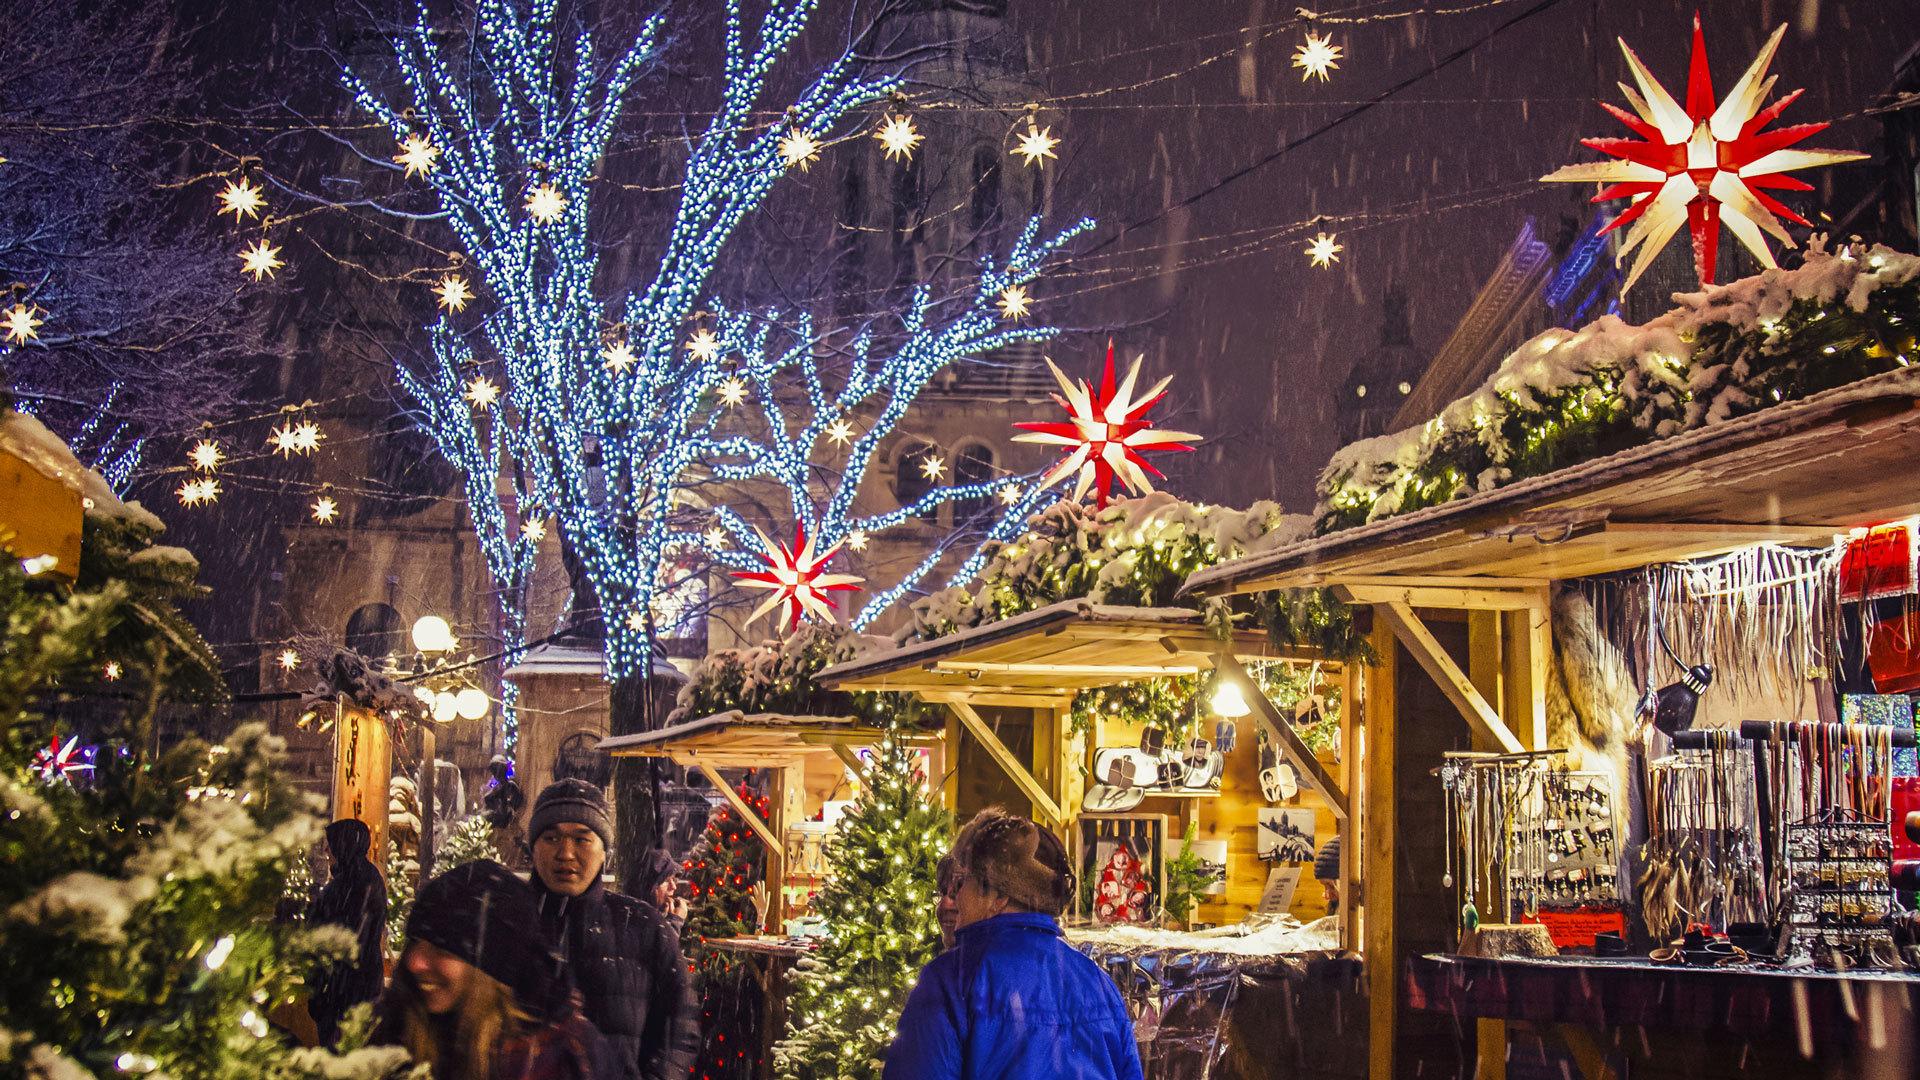 Le Marché de Noël allemand de Québec